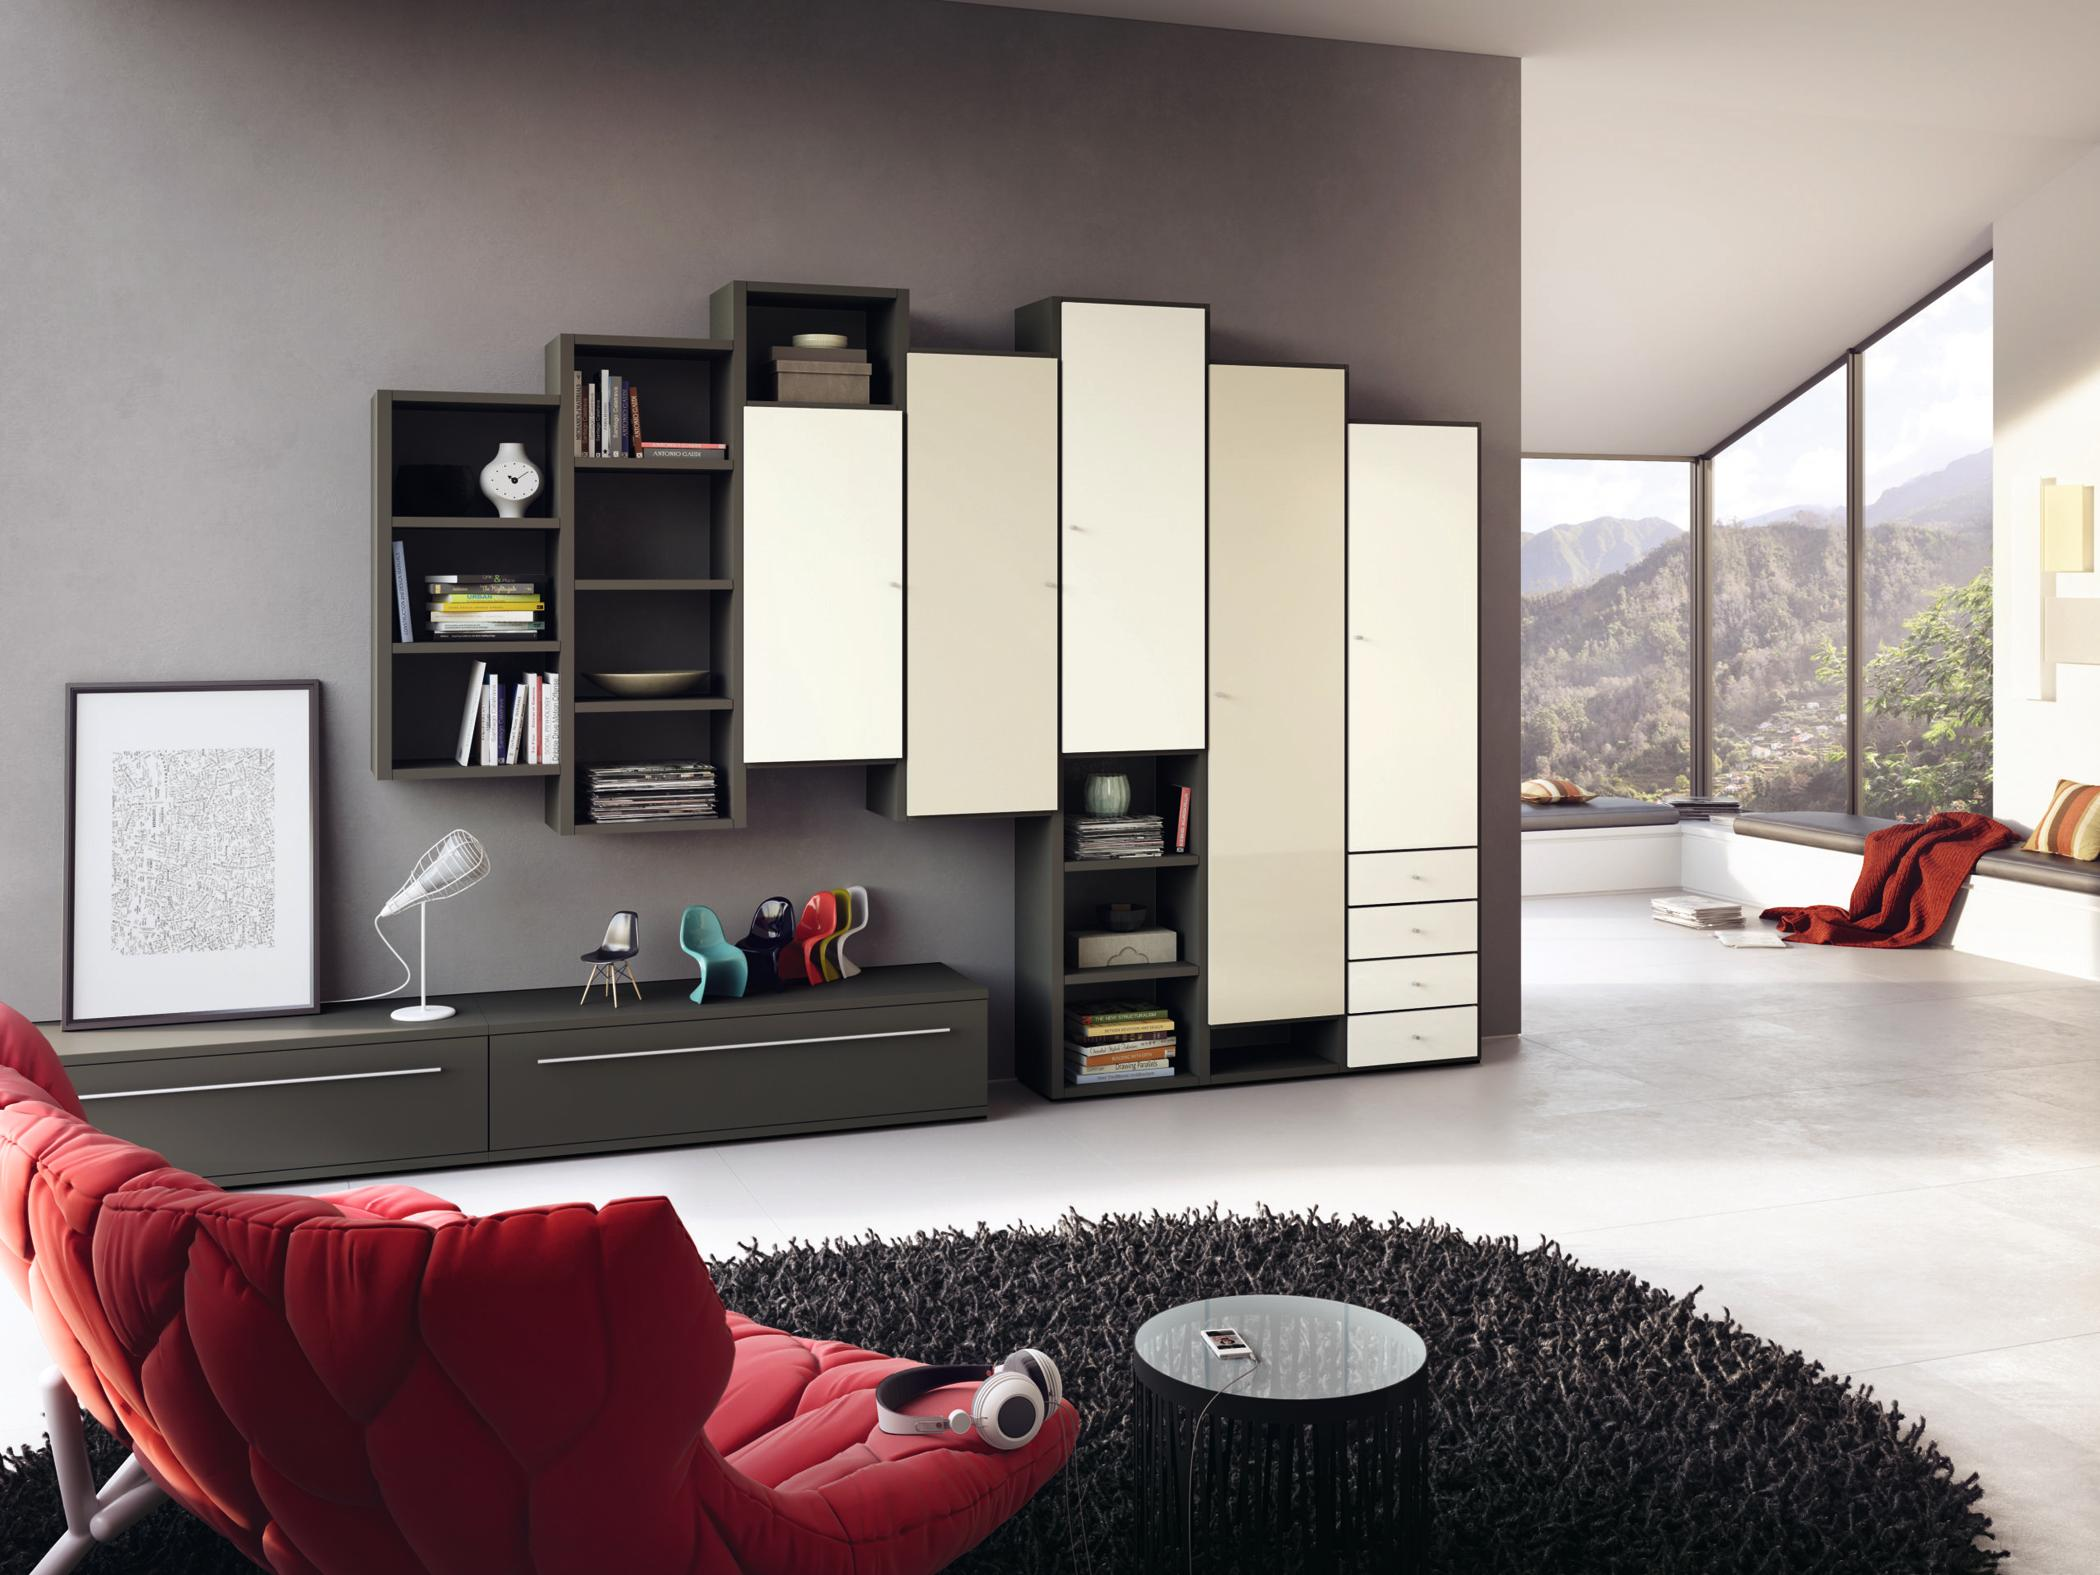 Wohnwand Klassisch Free Sideboard Home Affaire Breite Cm Hhe Cm